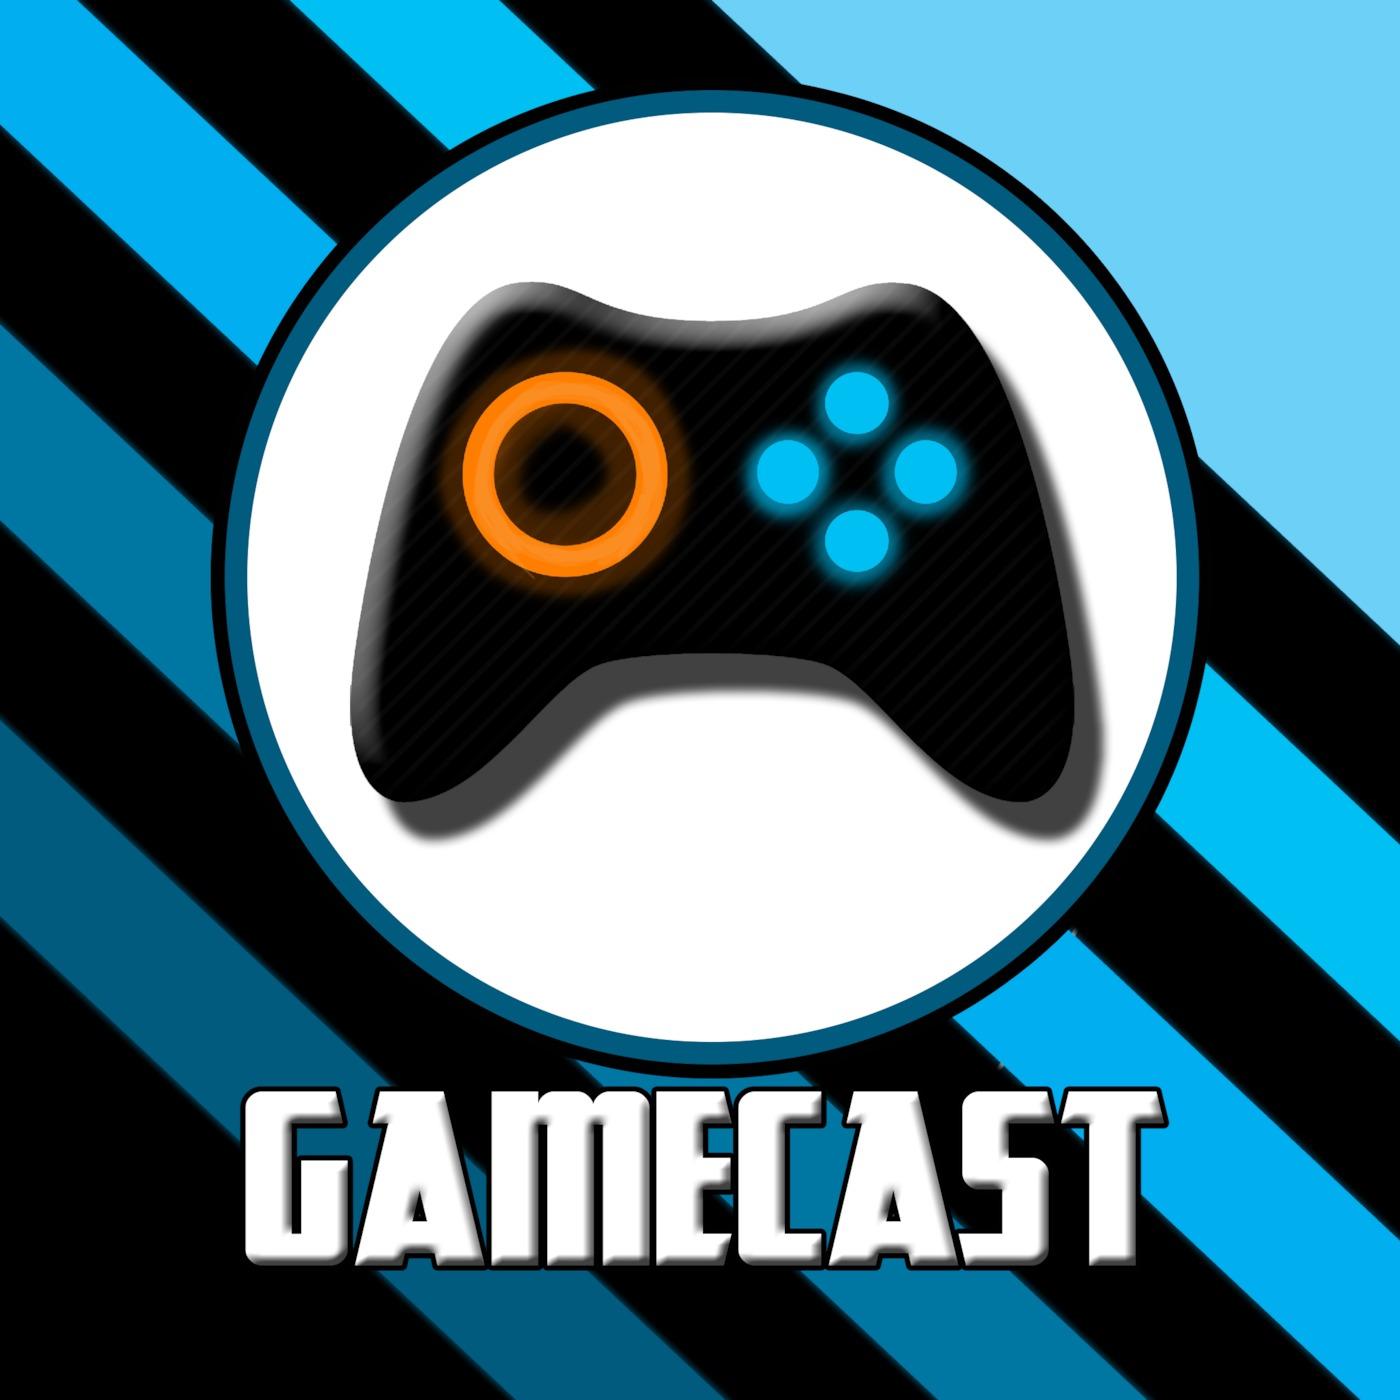 NerdEXP: Gamecast